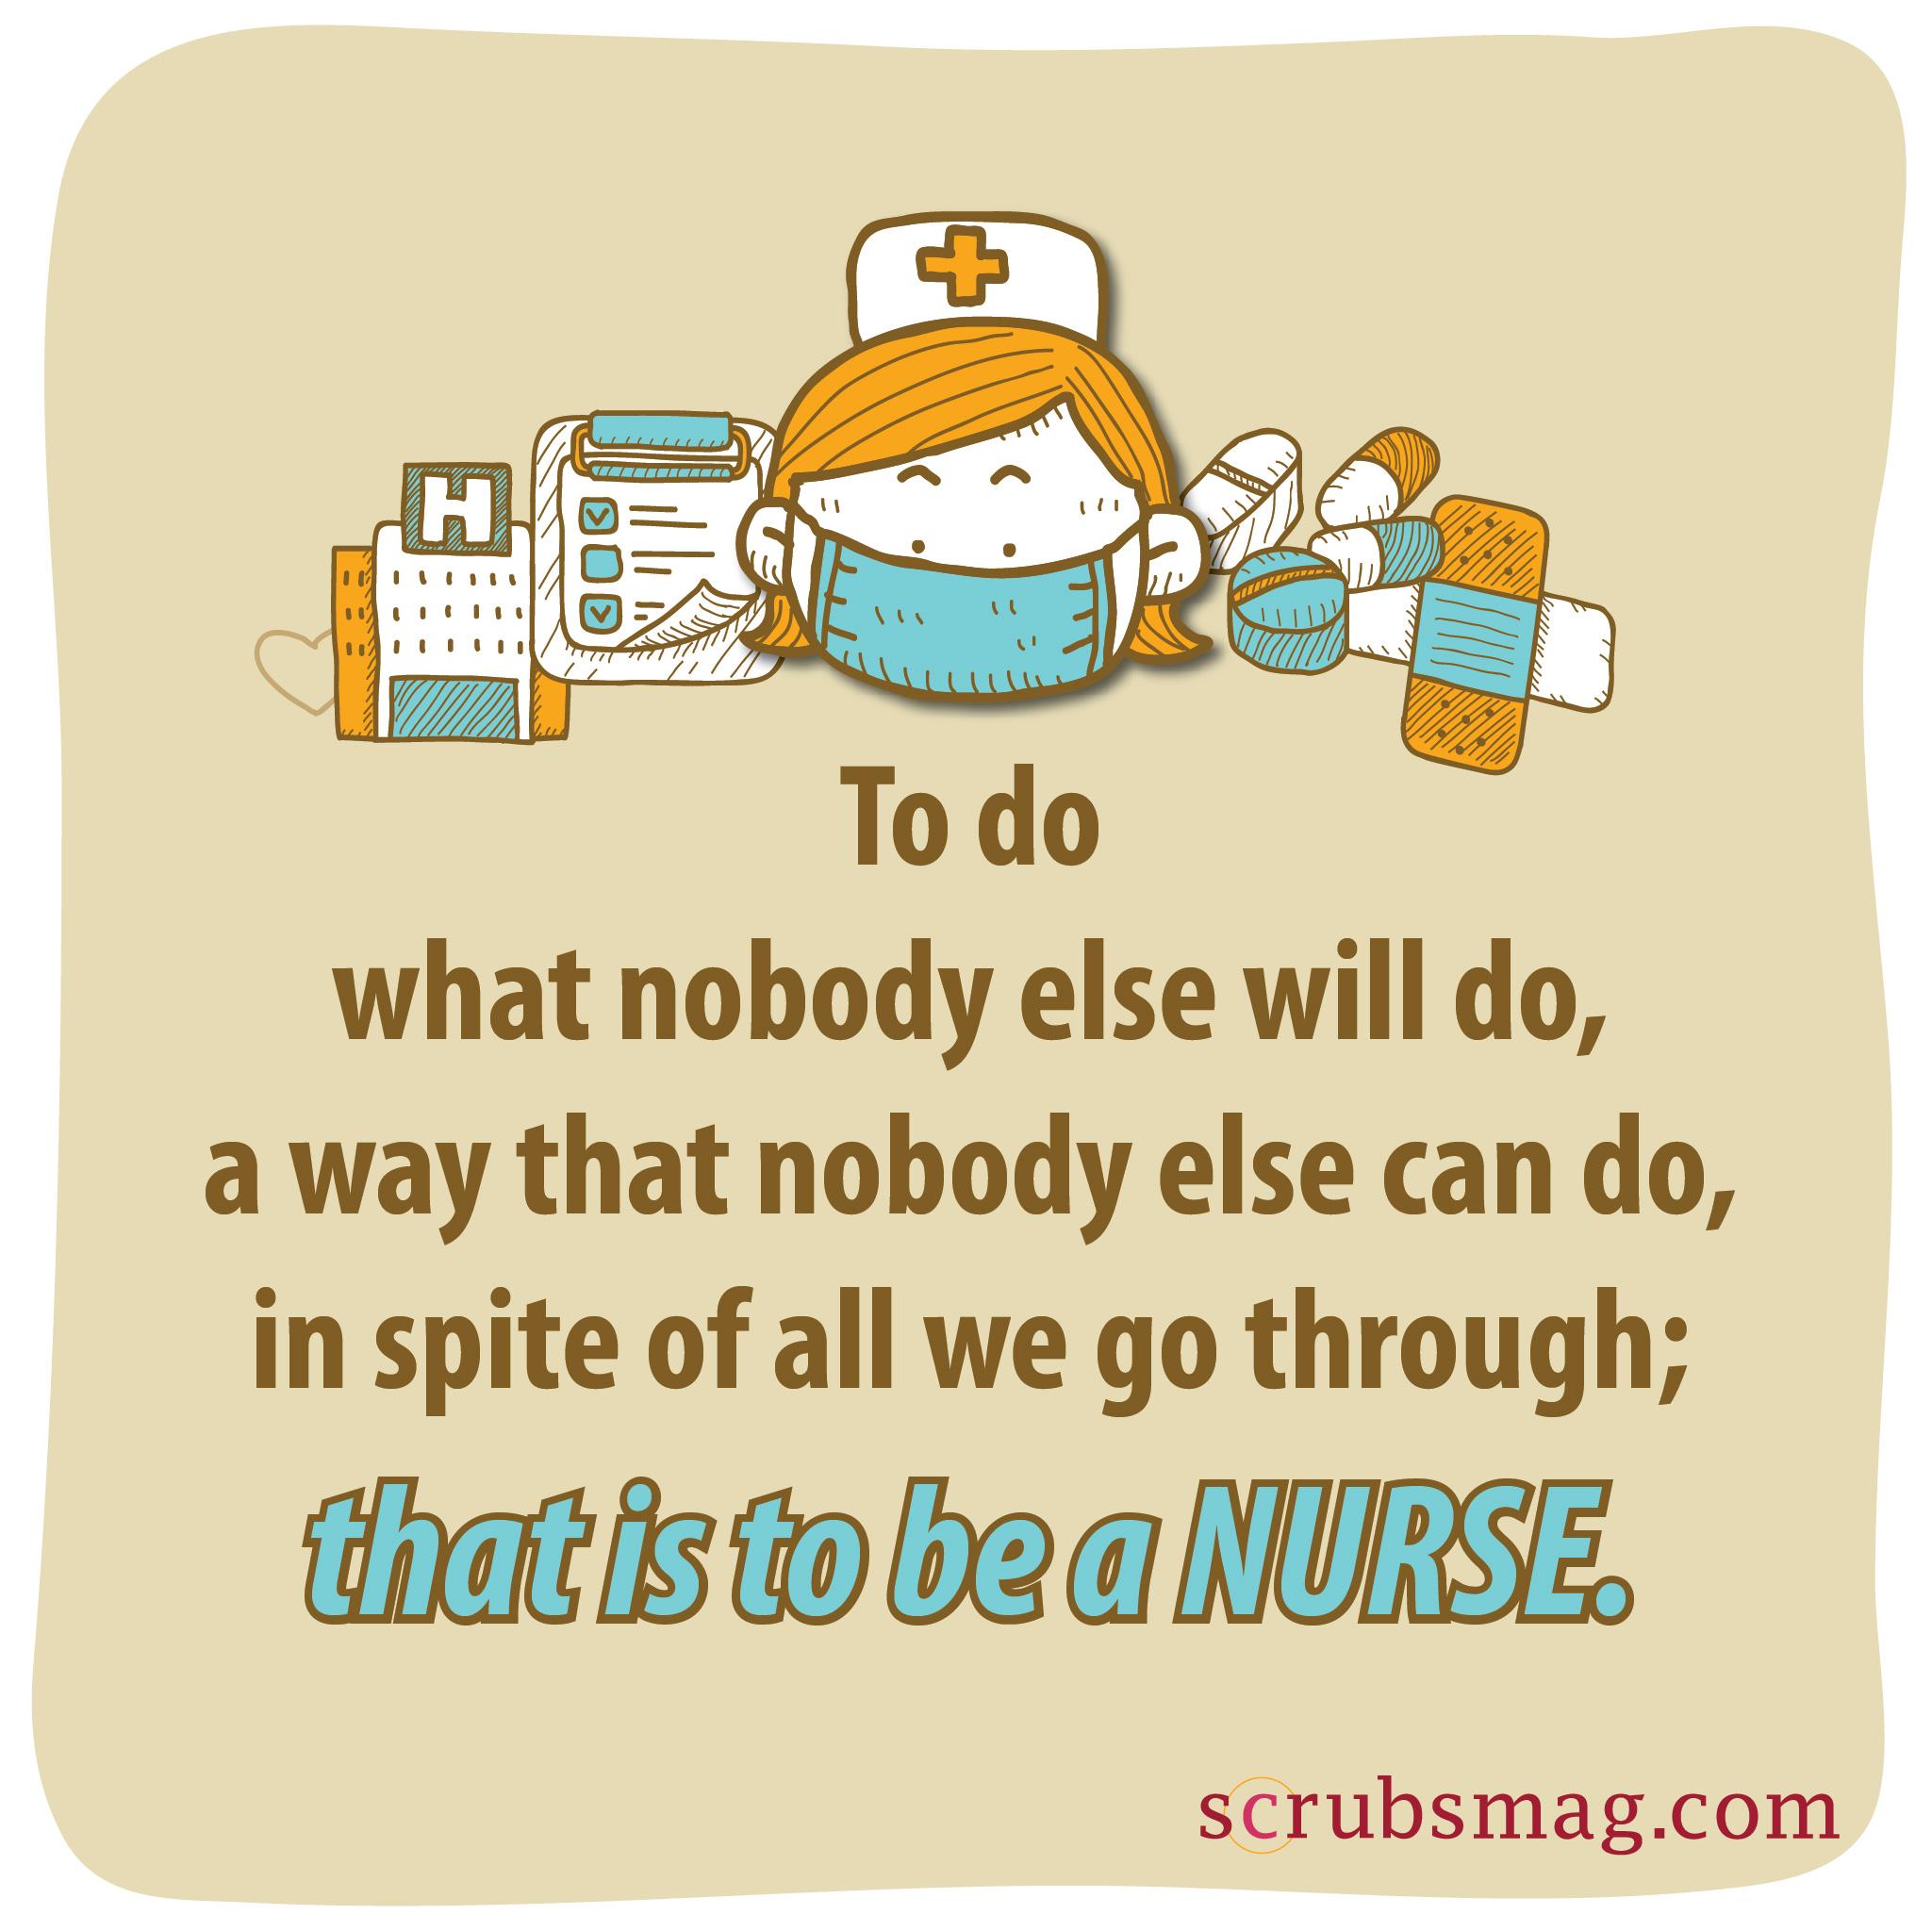 Thankful For Nurses Quotes: Nurse Appreciation Quotes. QuotesGram